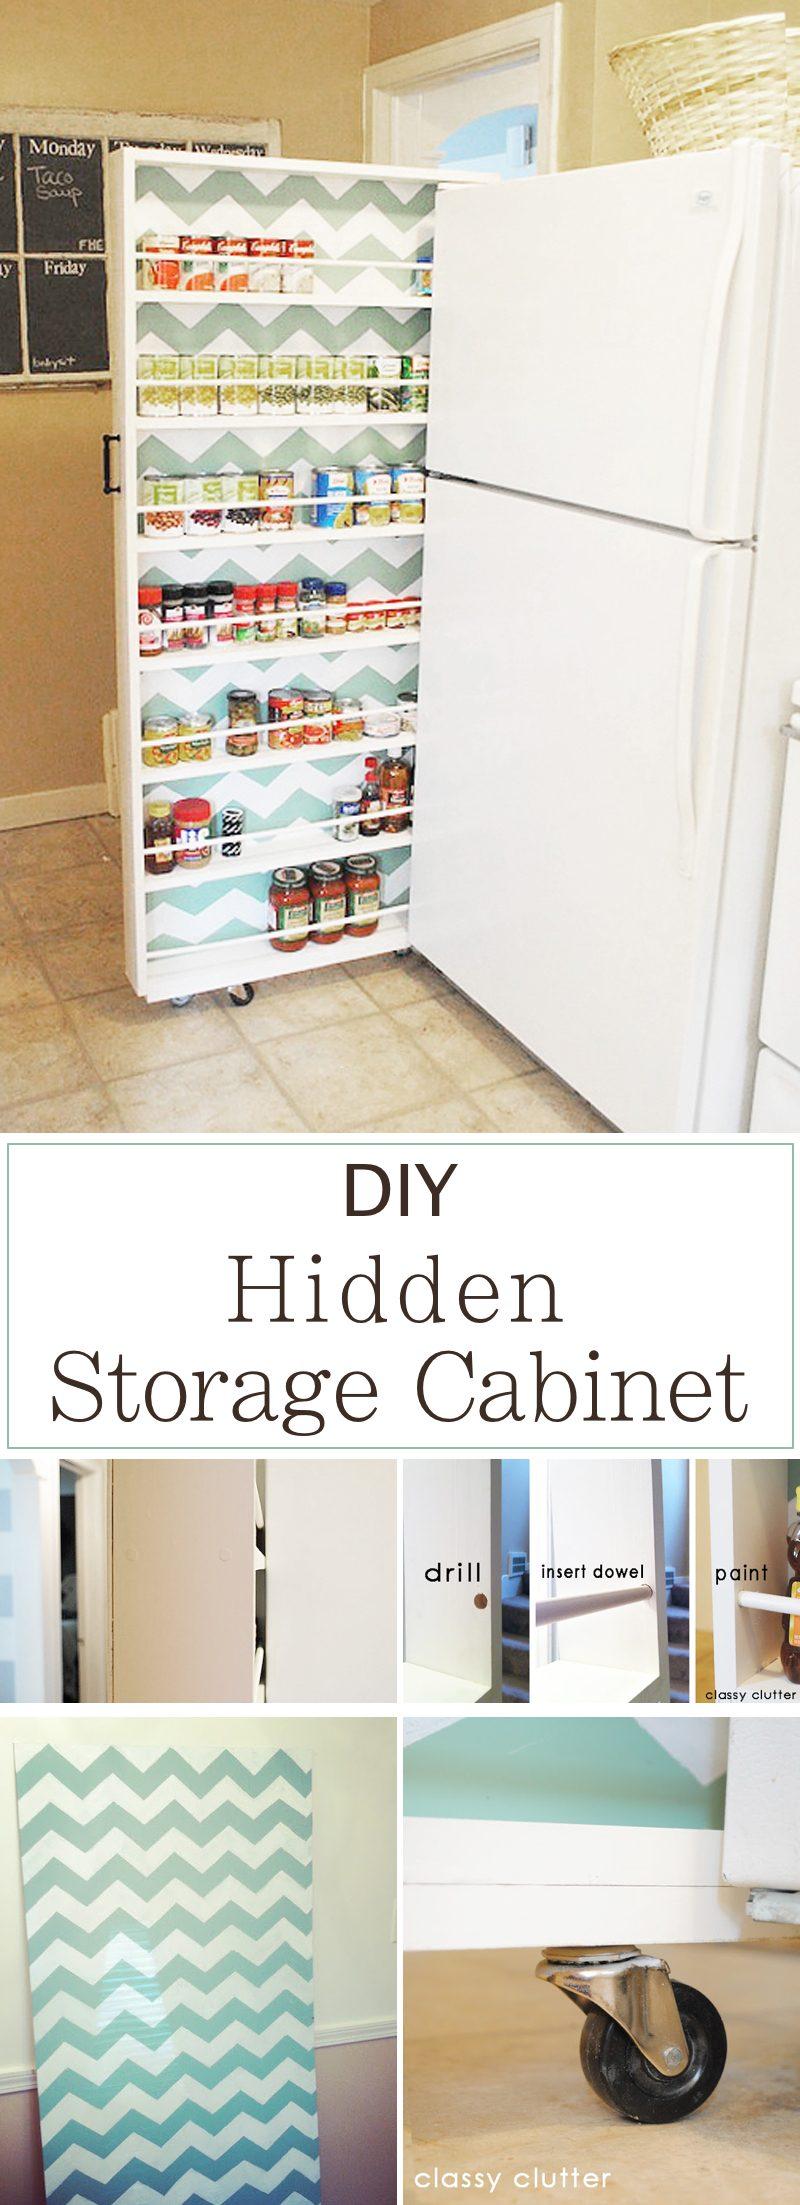 15 innovative diy kitchen organization storage ideas for Diy hidden storage